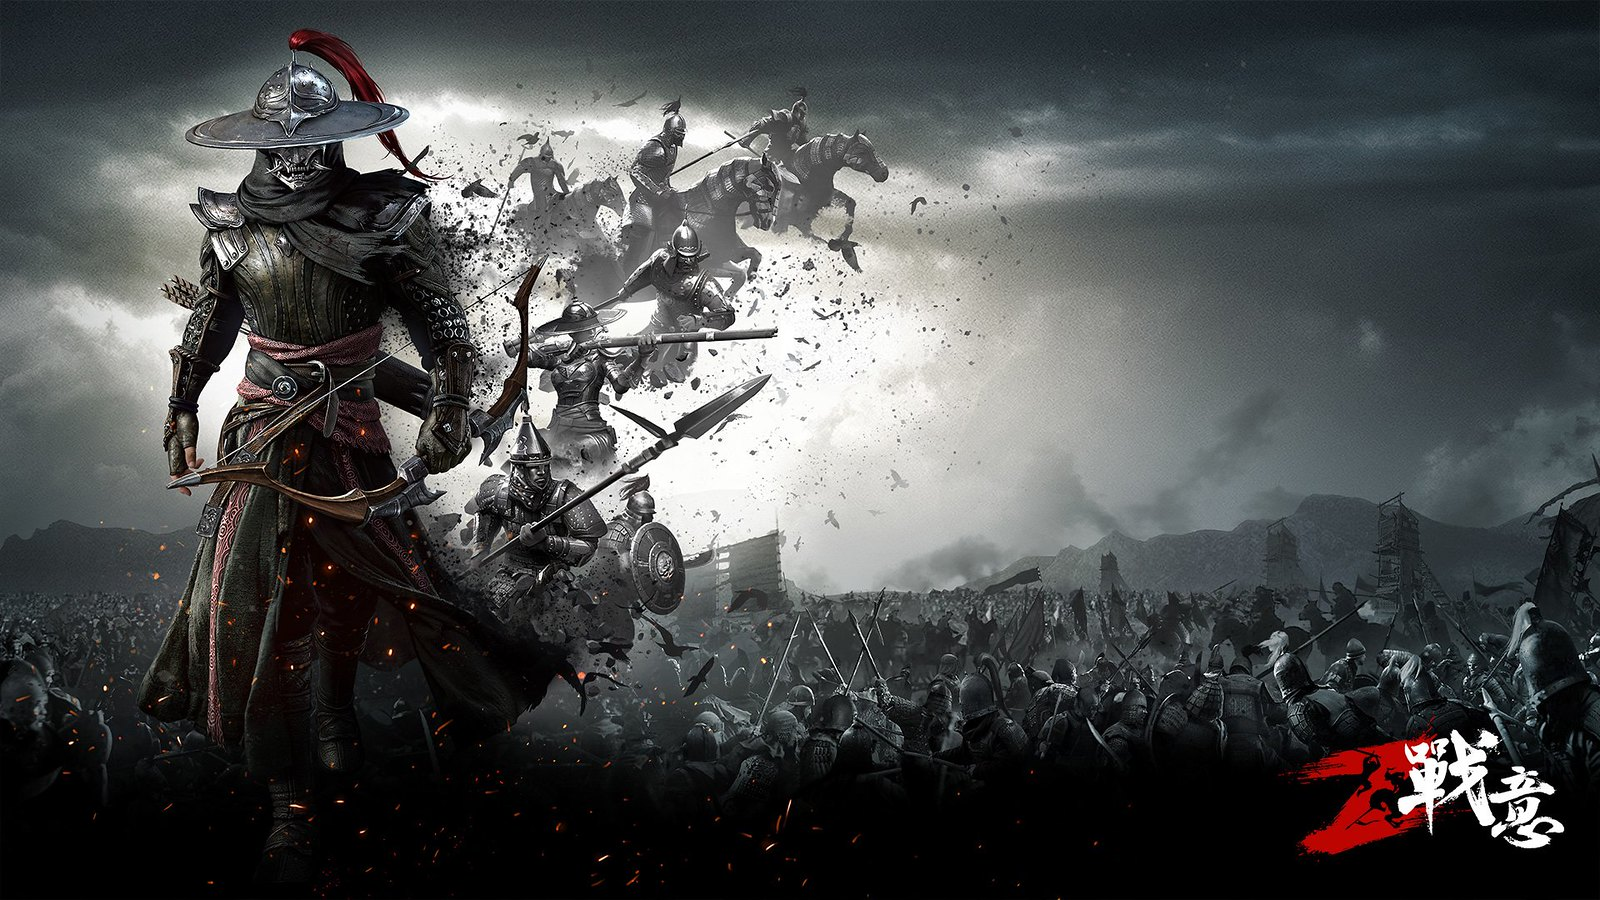 Conqueror's Blade wallpaper